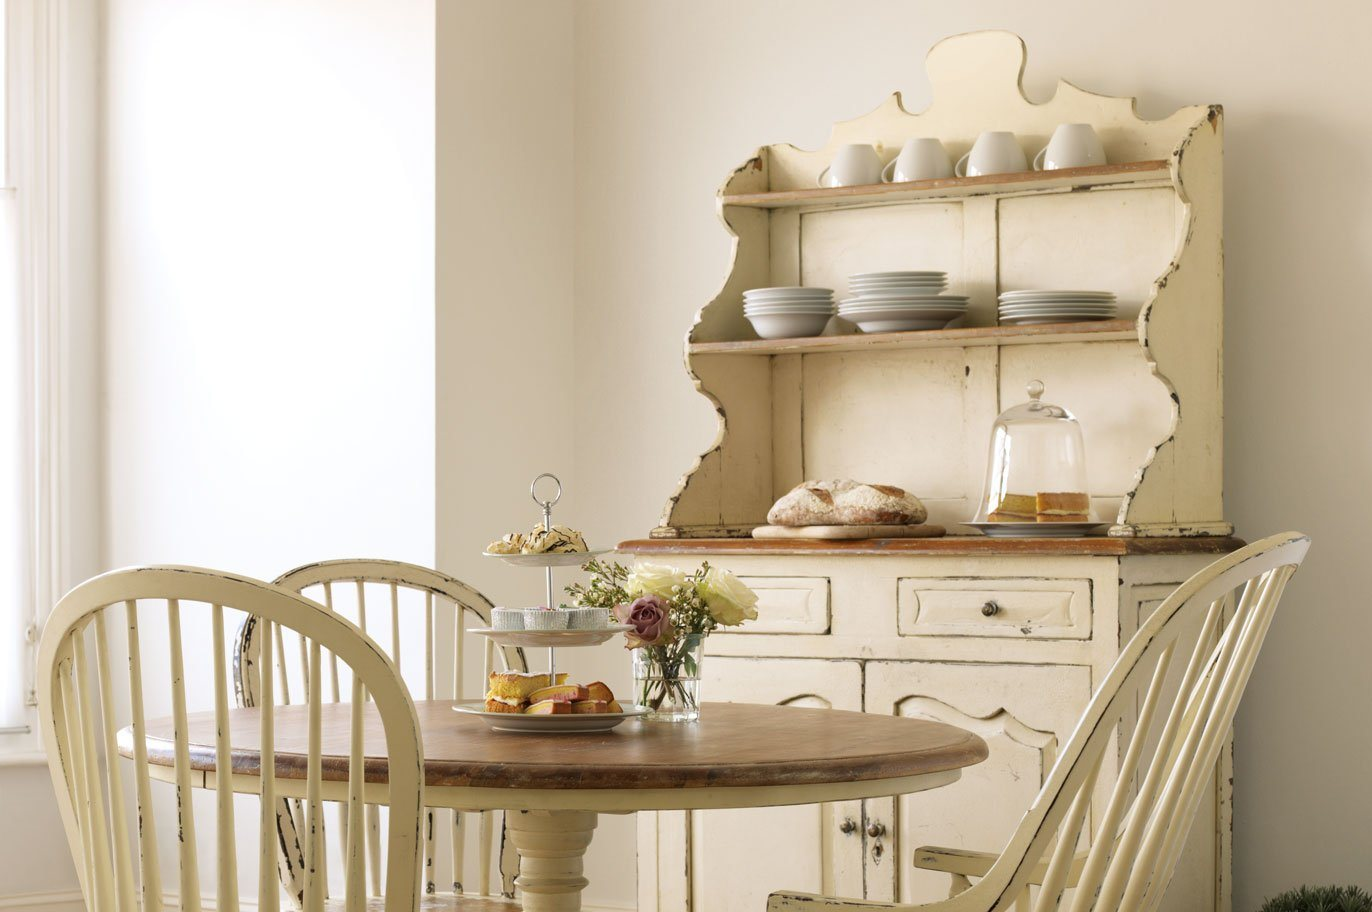 Armario Com Espelho Para Banheiro Balaroti ~ Móveis para uma cozinha de estilo ingl u00eas Decoraç u00e3o da casa